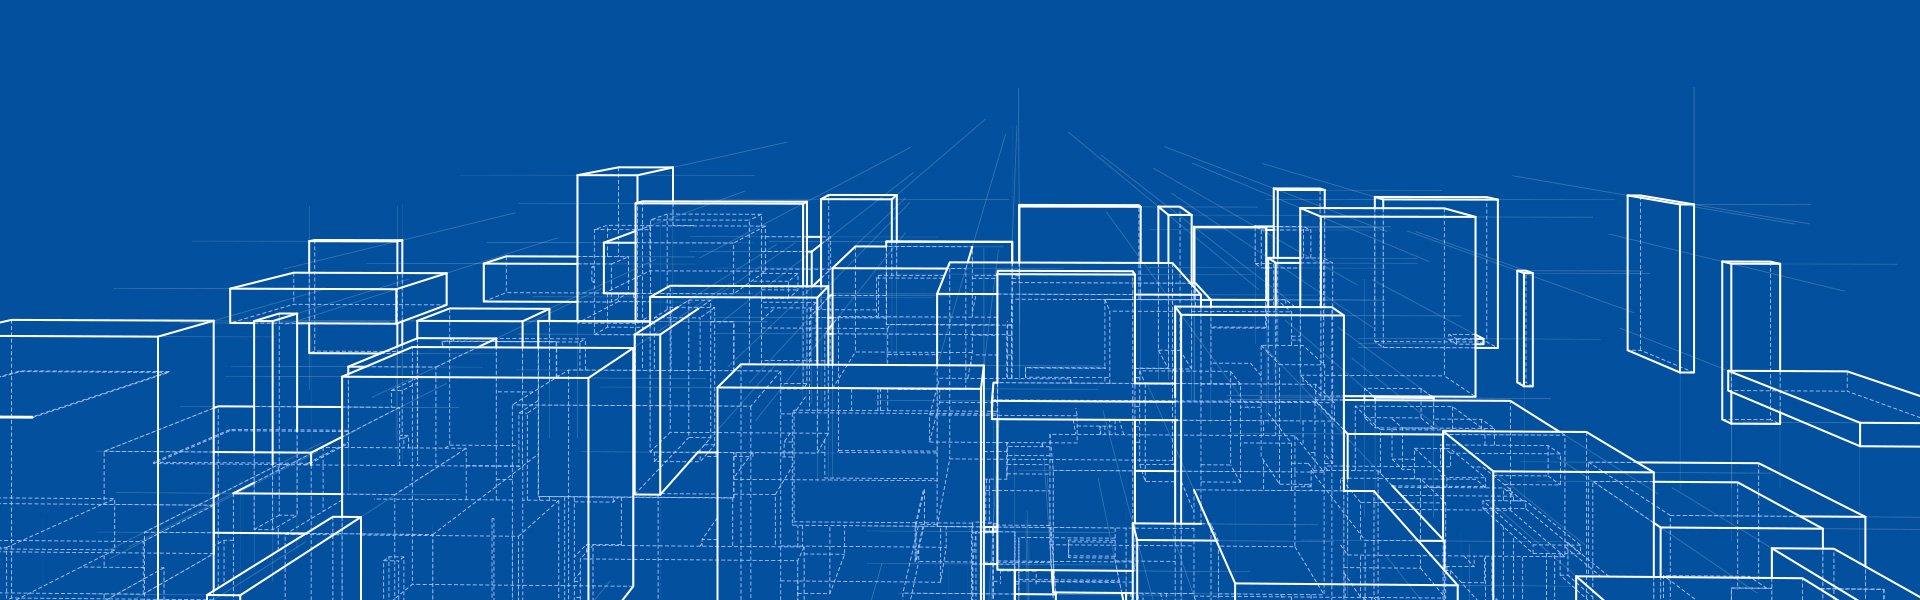 Abstrakte Darstellung - Quader perspektivisch angeordnet